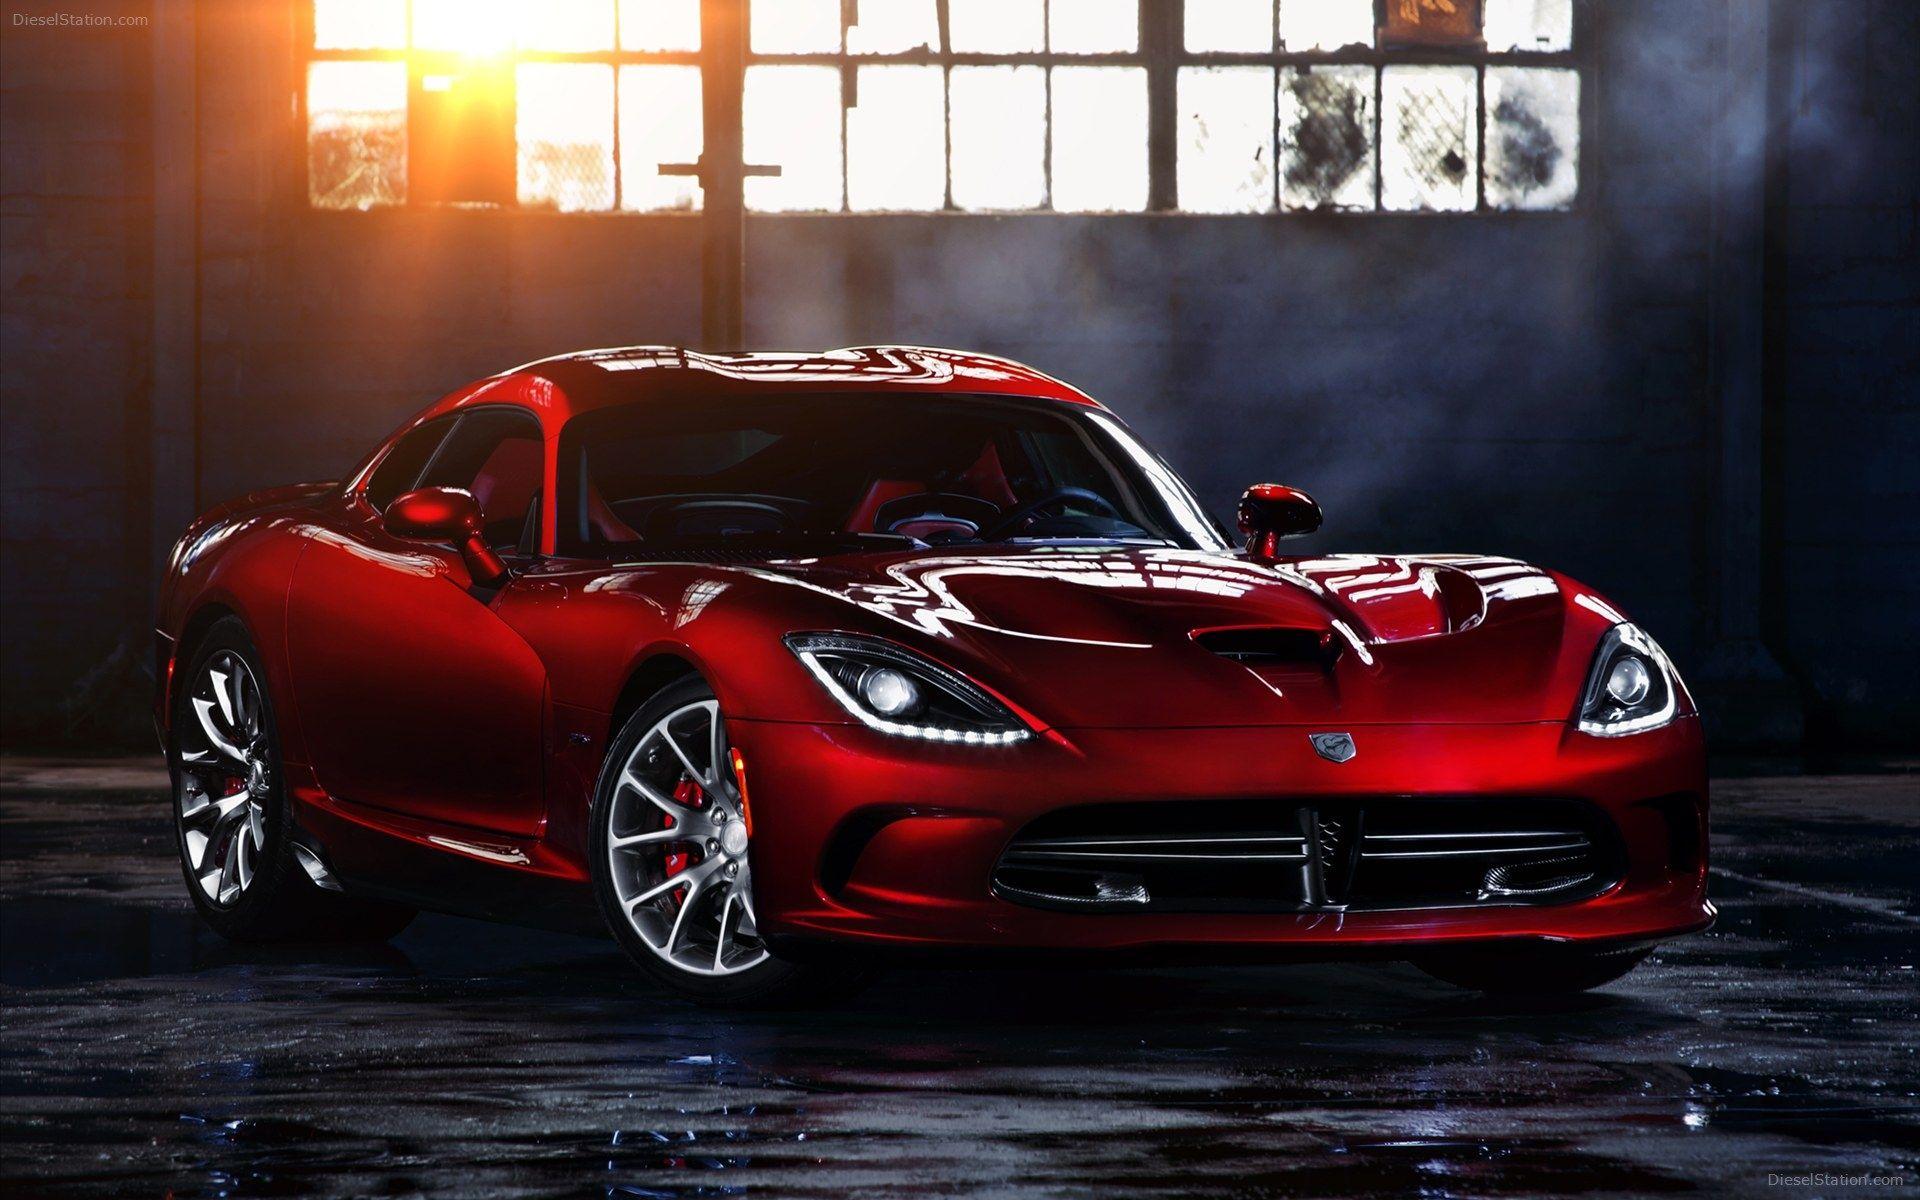 Dodge Viper Gts R Wallpapers Dodge Viper Viper Gts Dodge Viper Gts